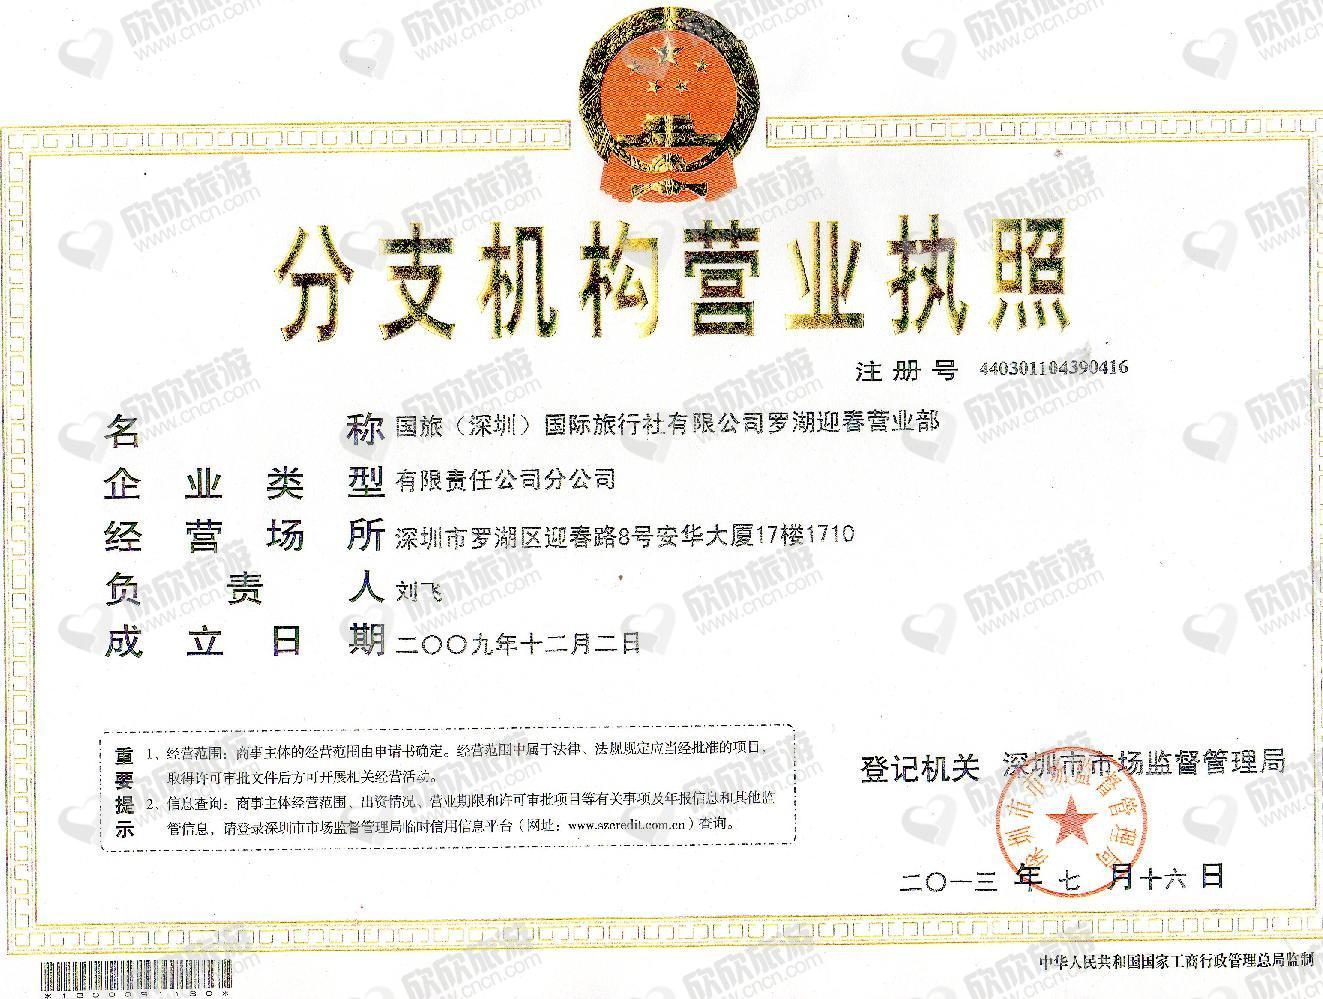 国旅(深圳)国际旅行社有限公司罗湖迎春营业部营业执照